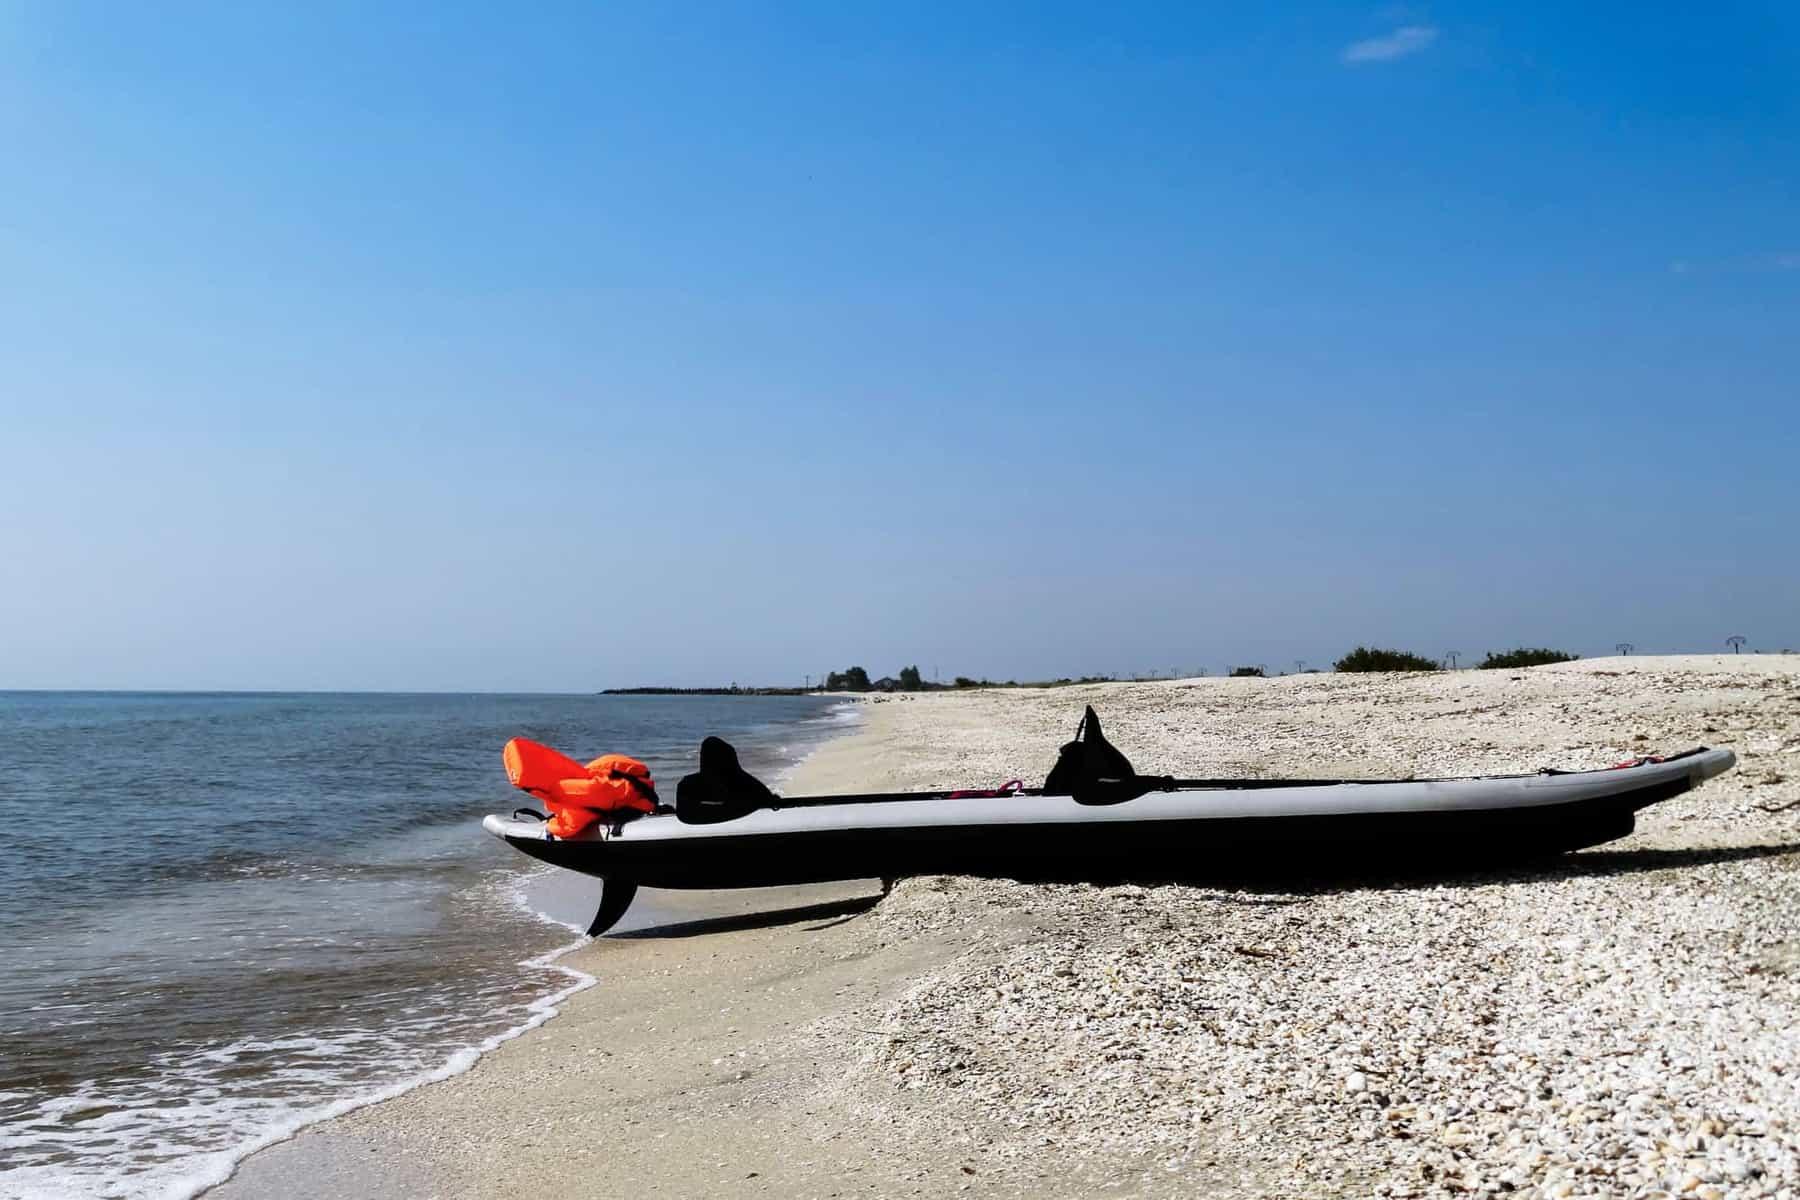 inflatable kayak on a sea shore with kayak skeg